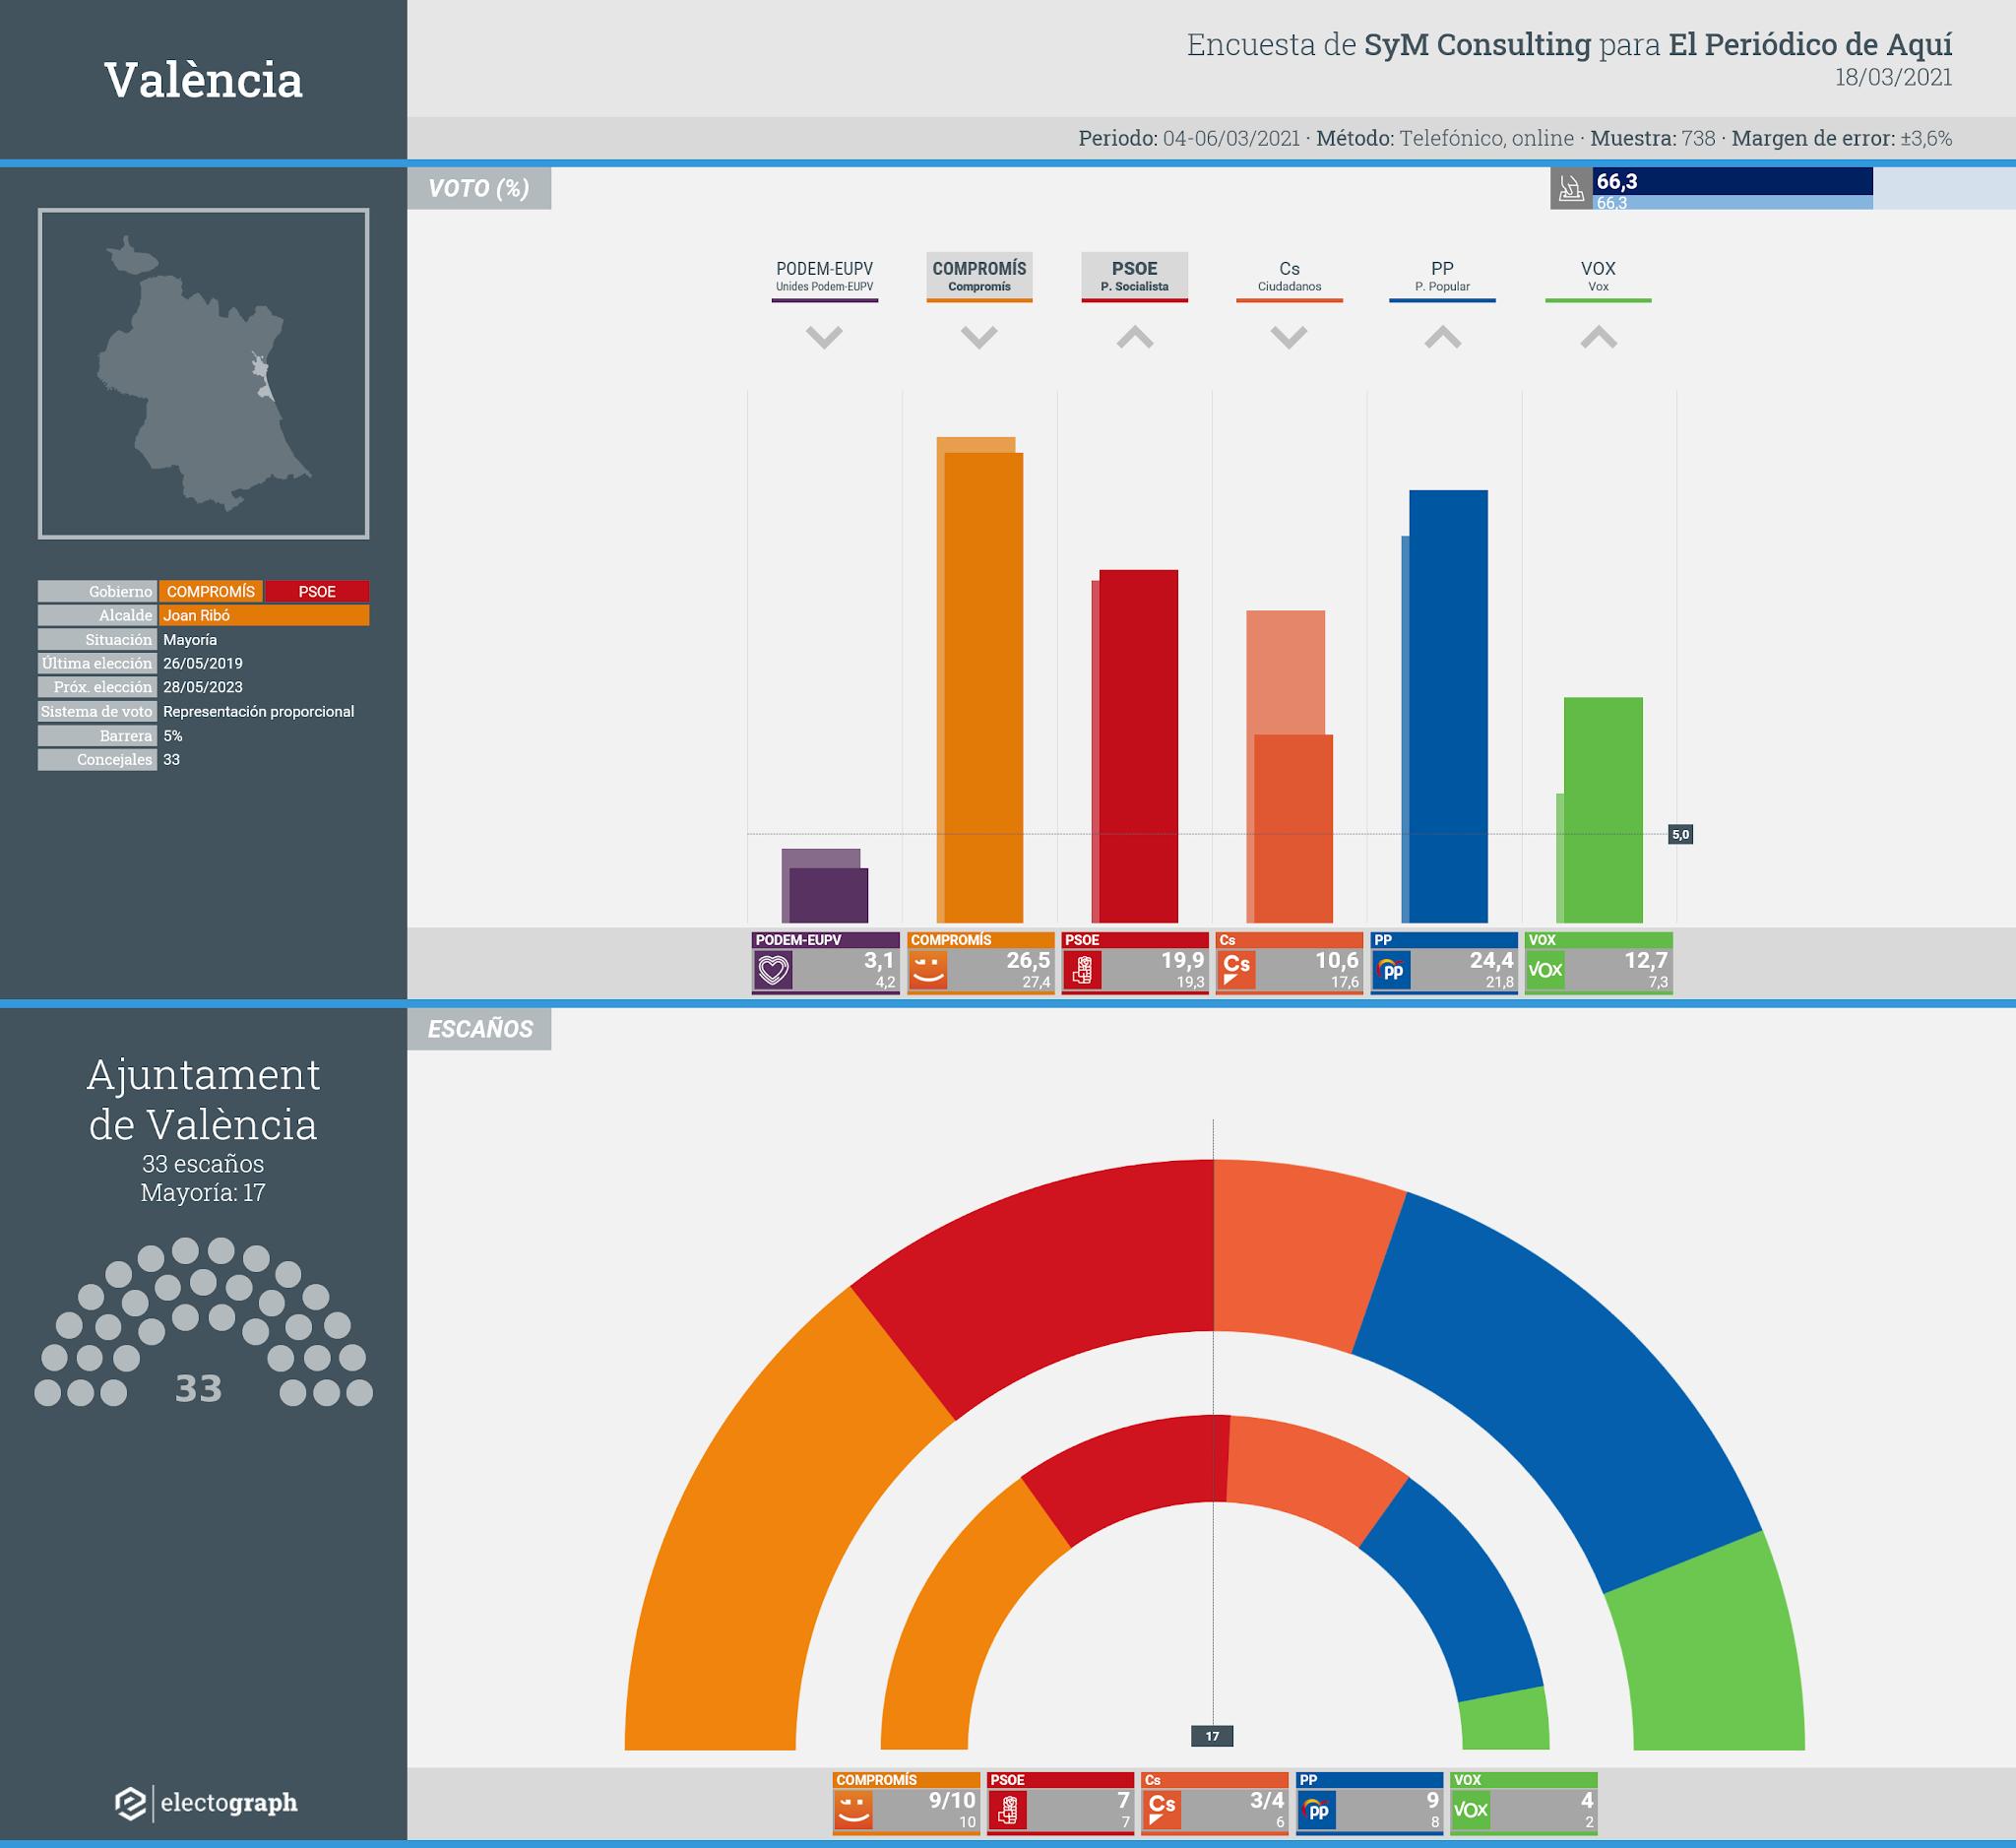 Gráfico de la encuesta para elecciones municipales en València realizada por SyM Consulting para El Periódico de Aquí, 18 de marzo de 2021